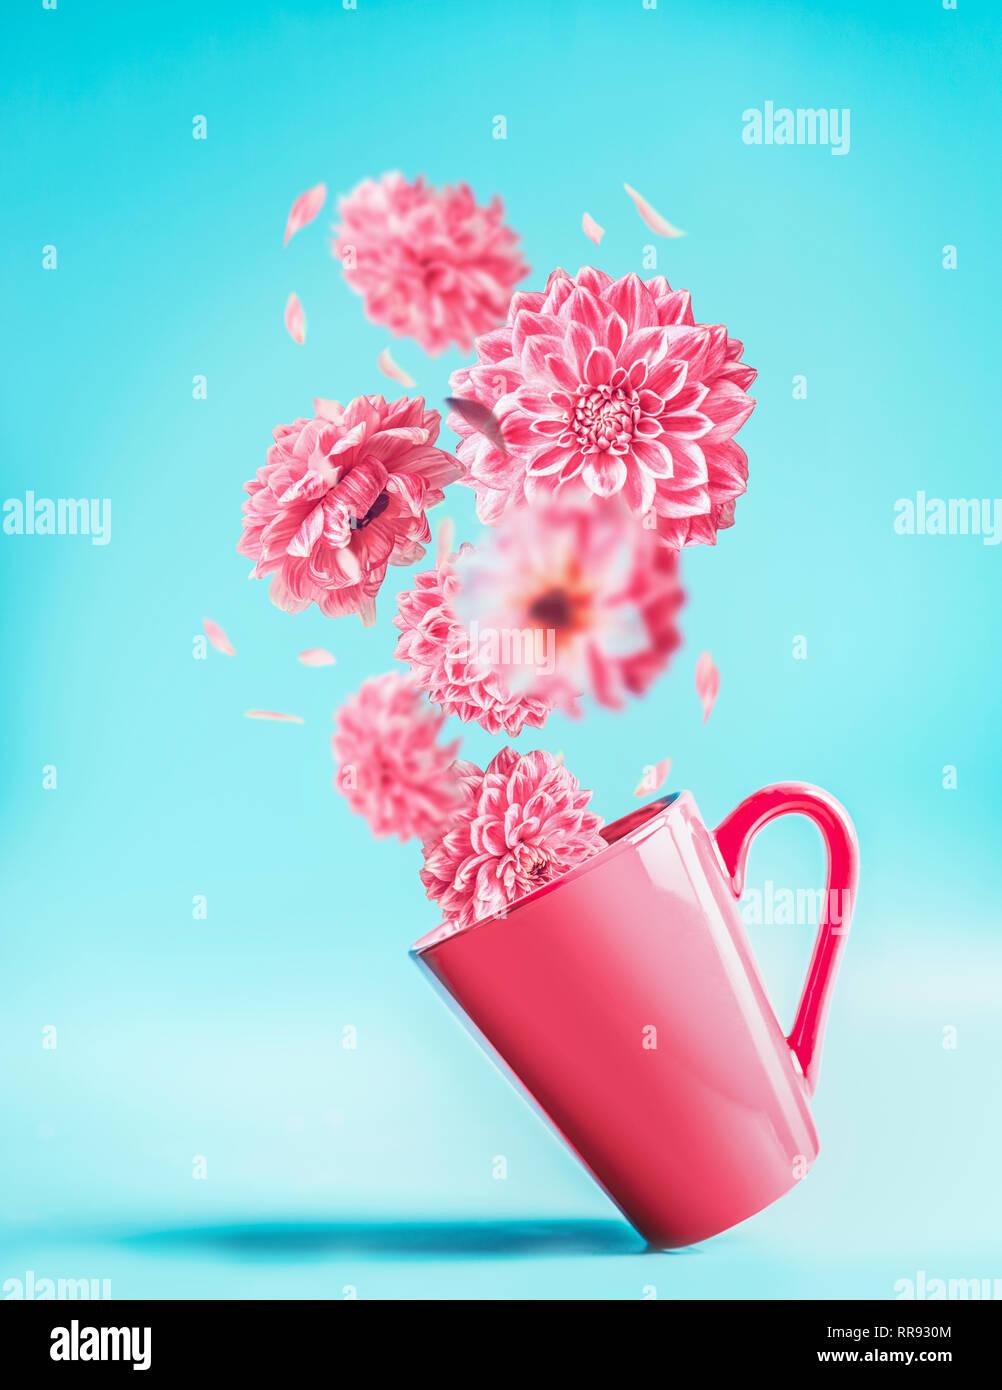 Copa Rosa Con Bonitas Flores Volando En El Azul Turquesa De